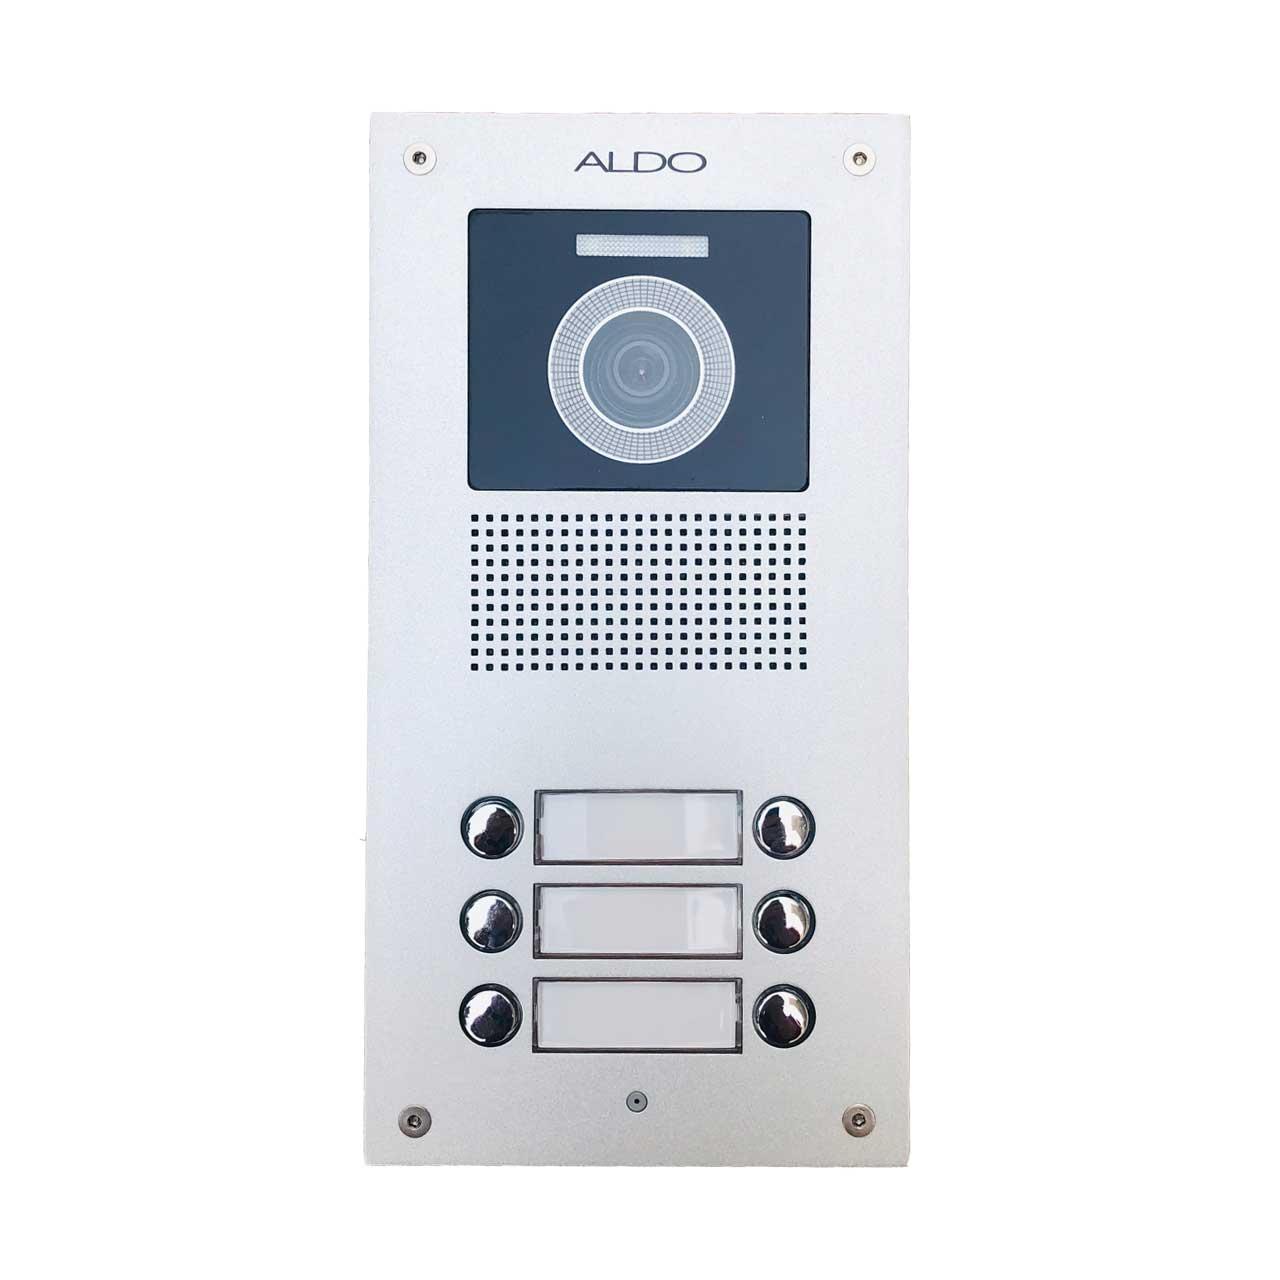 پنل درب بازکن تصویری آلدو مدل AL-6UDC